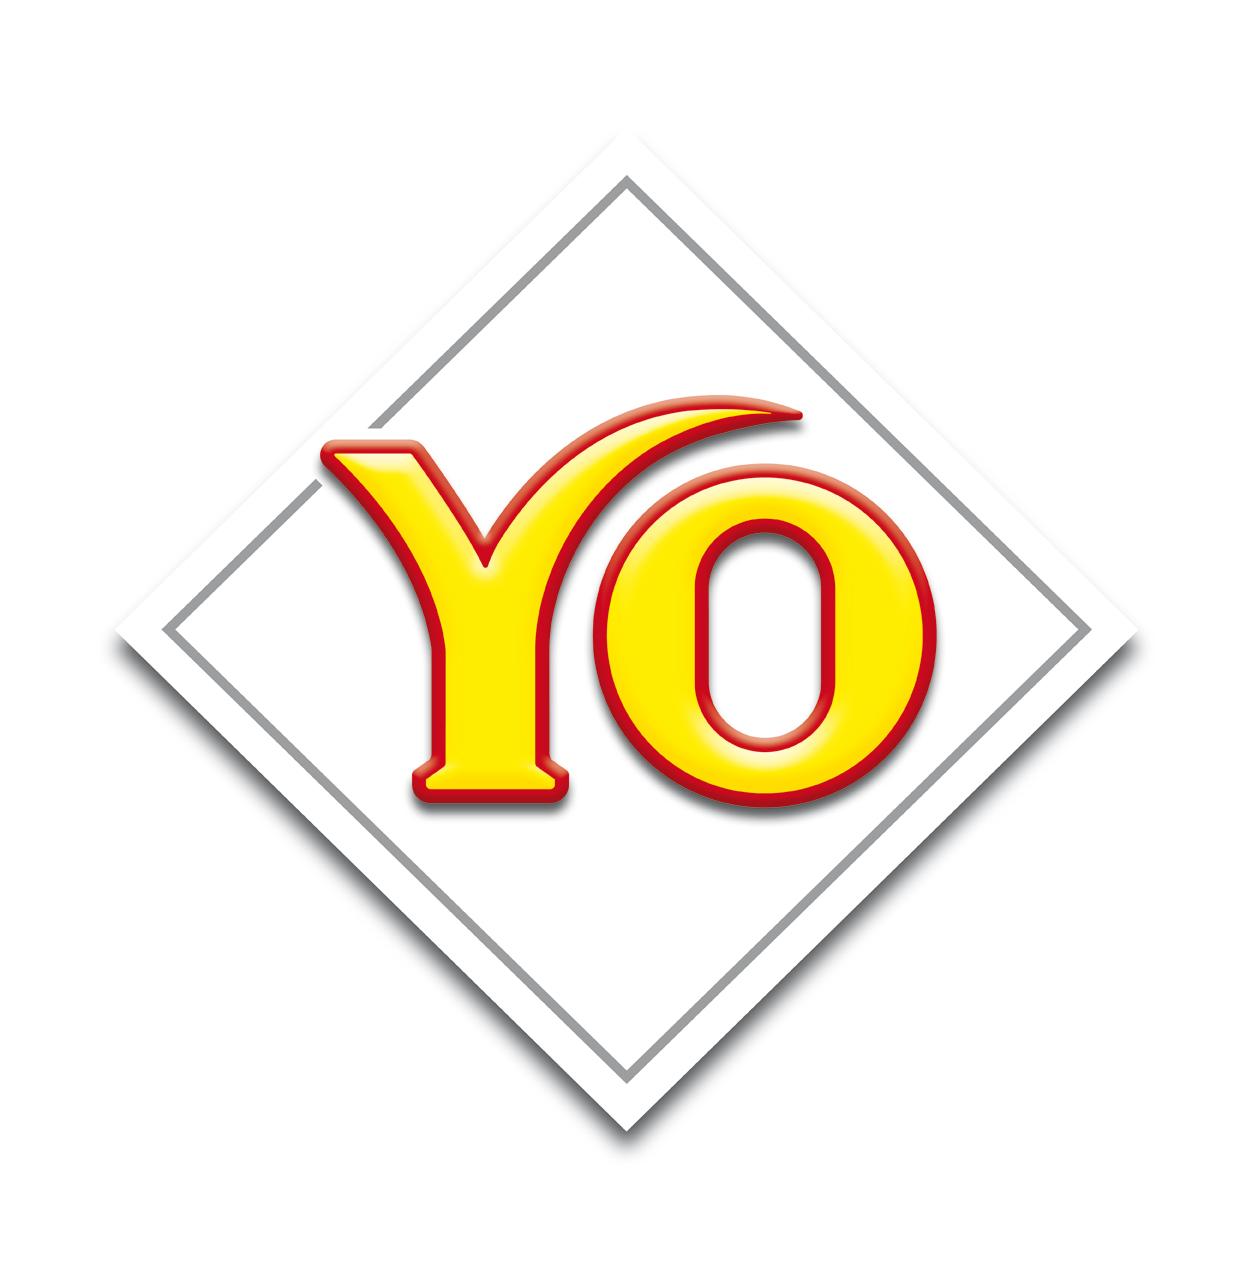 Yo Logo 3 D